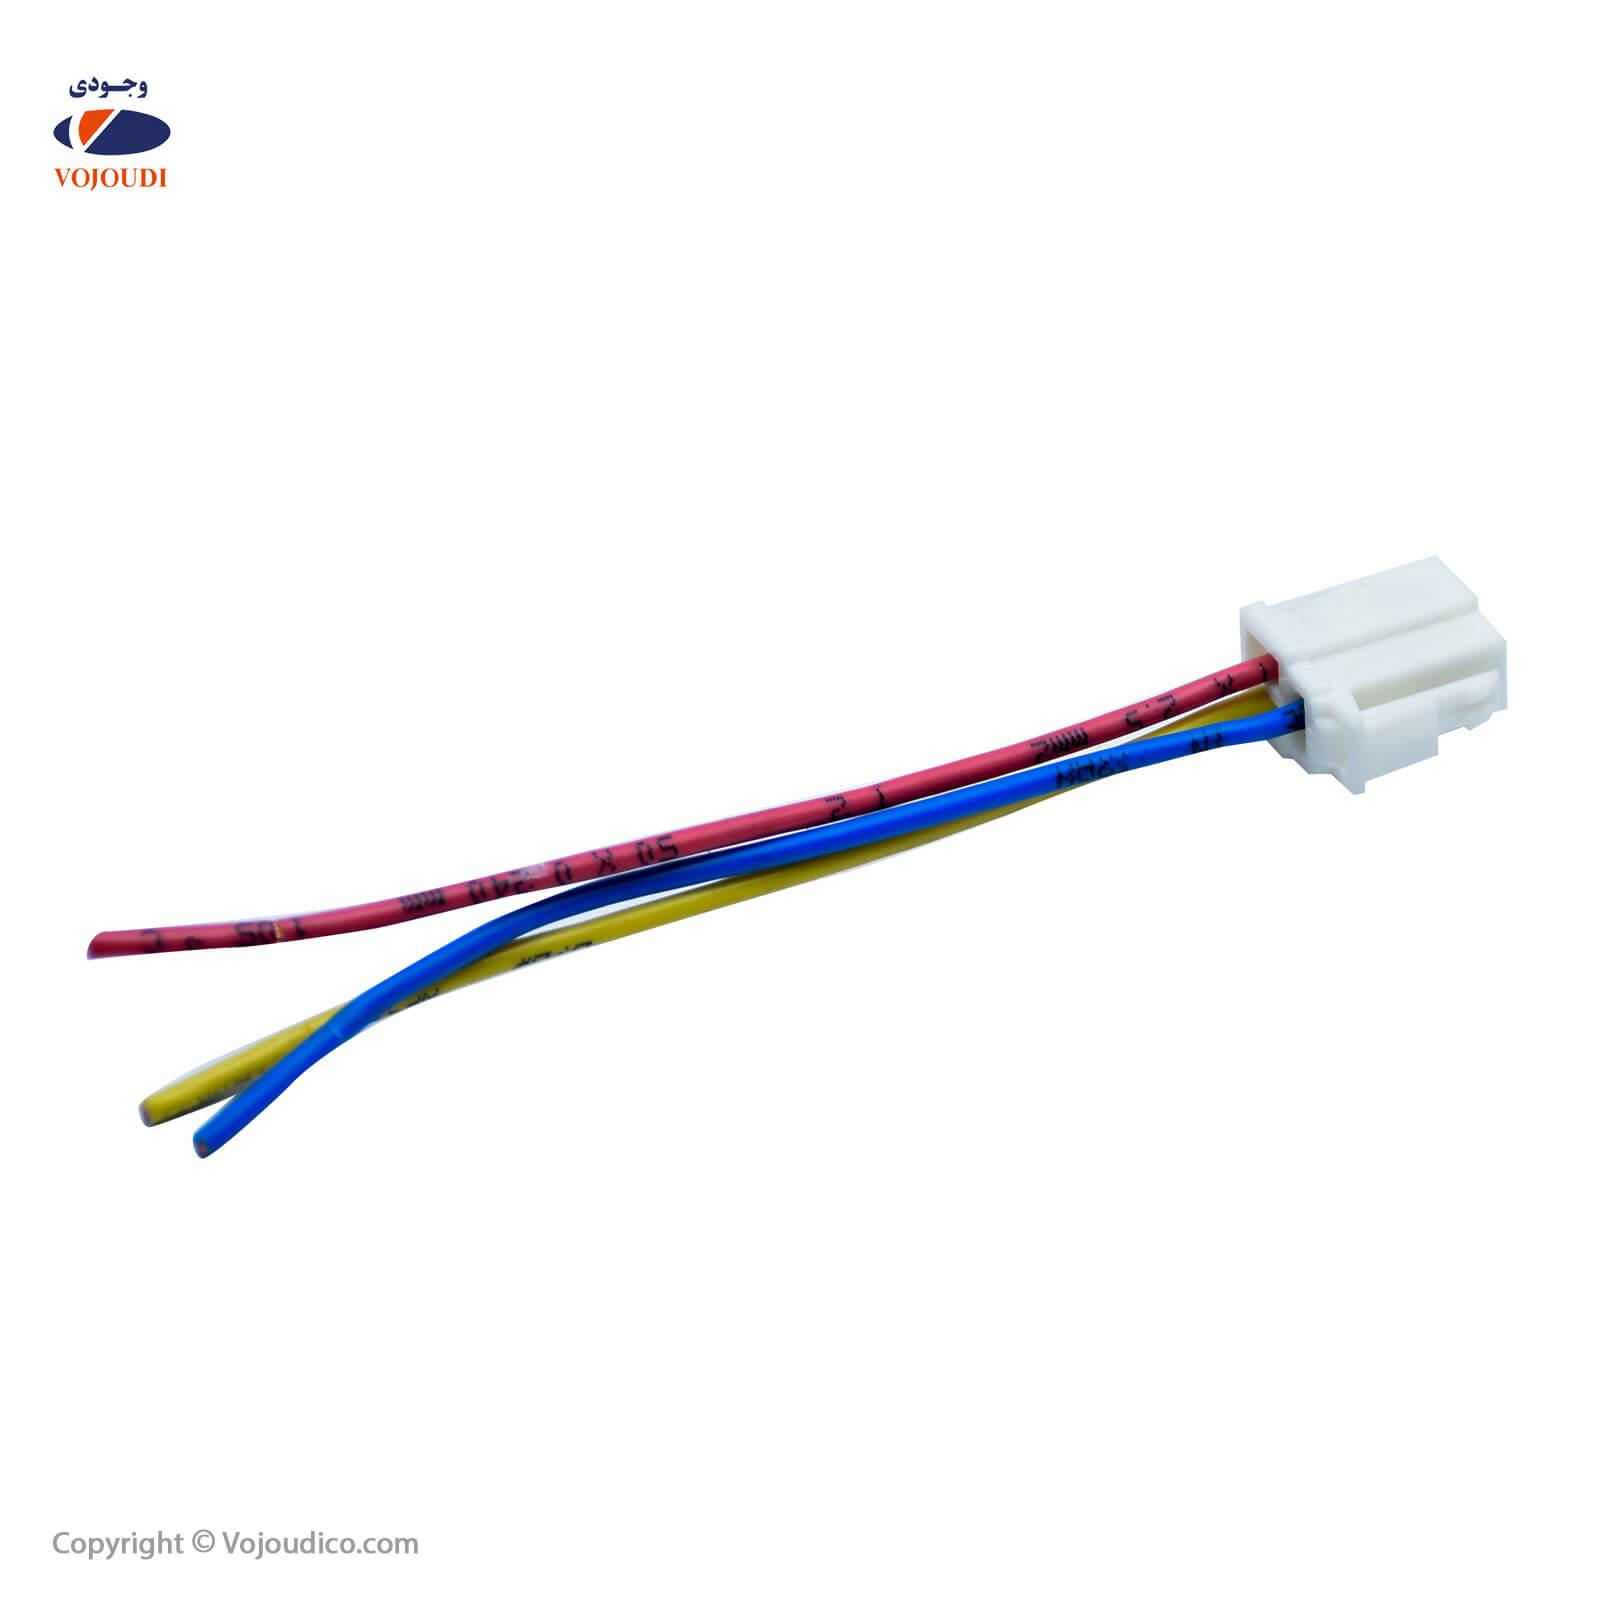 36366 1 - سوکت مادگی موتور فن دو دور وجودی کد 36366 ، تعداد در بسته : 20 عدد